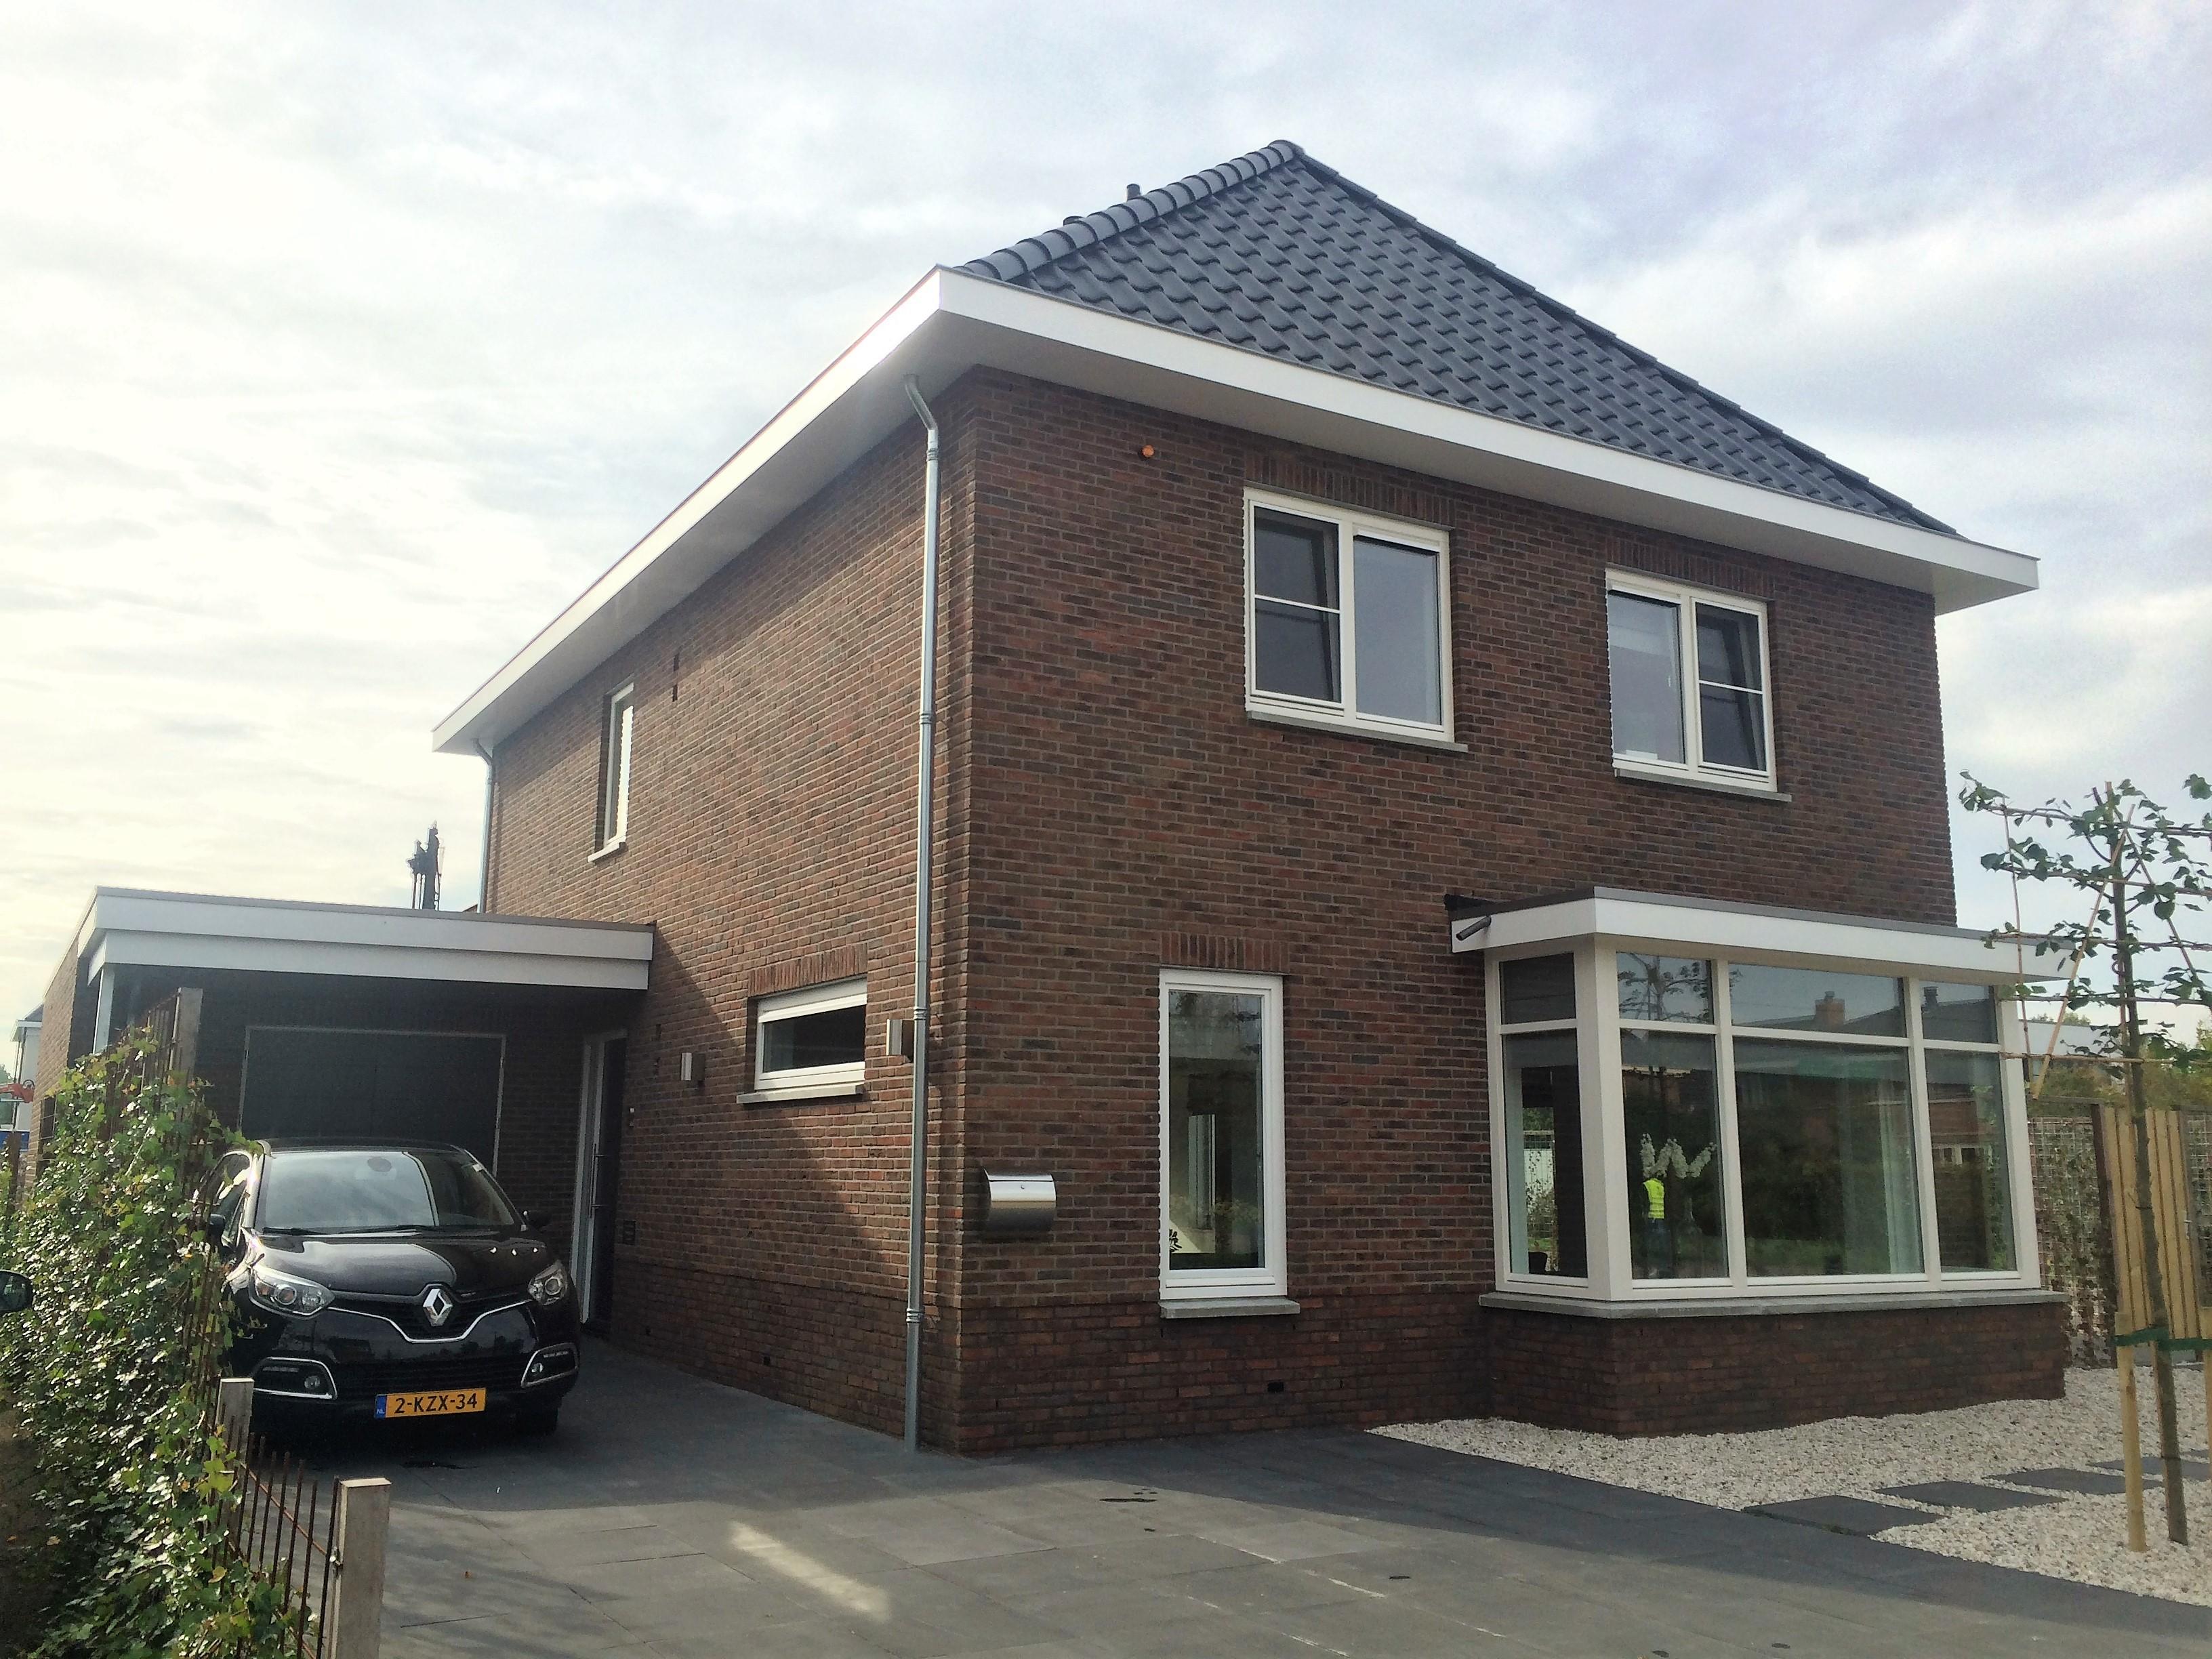 Eigen huis bouwen bouwbedrijf future home bouwt uw huis op maat - Hoe amenager zijn garage ...